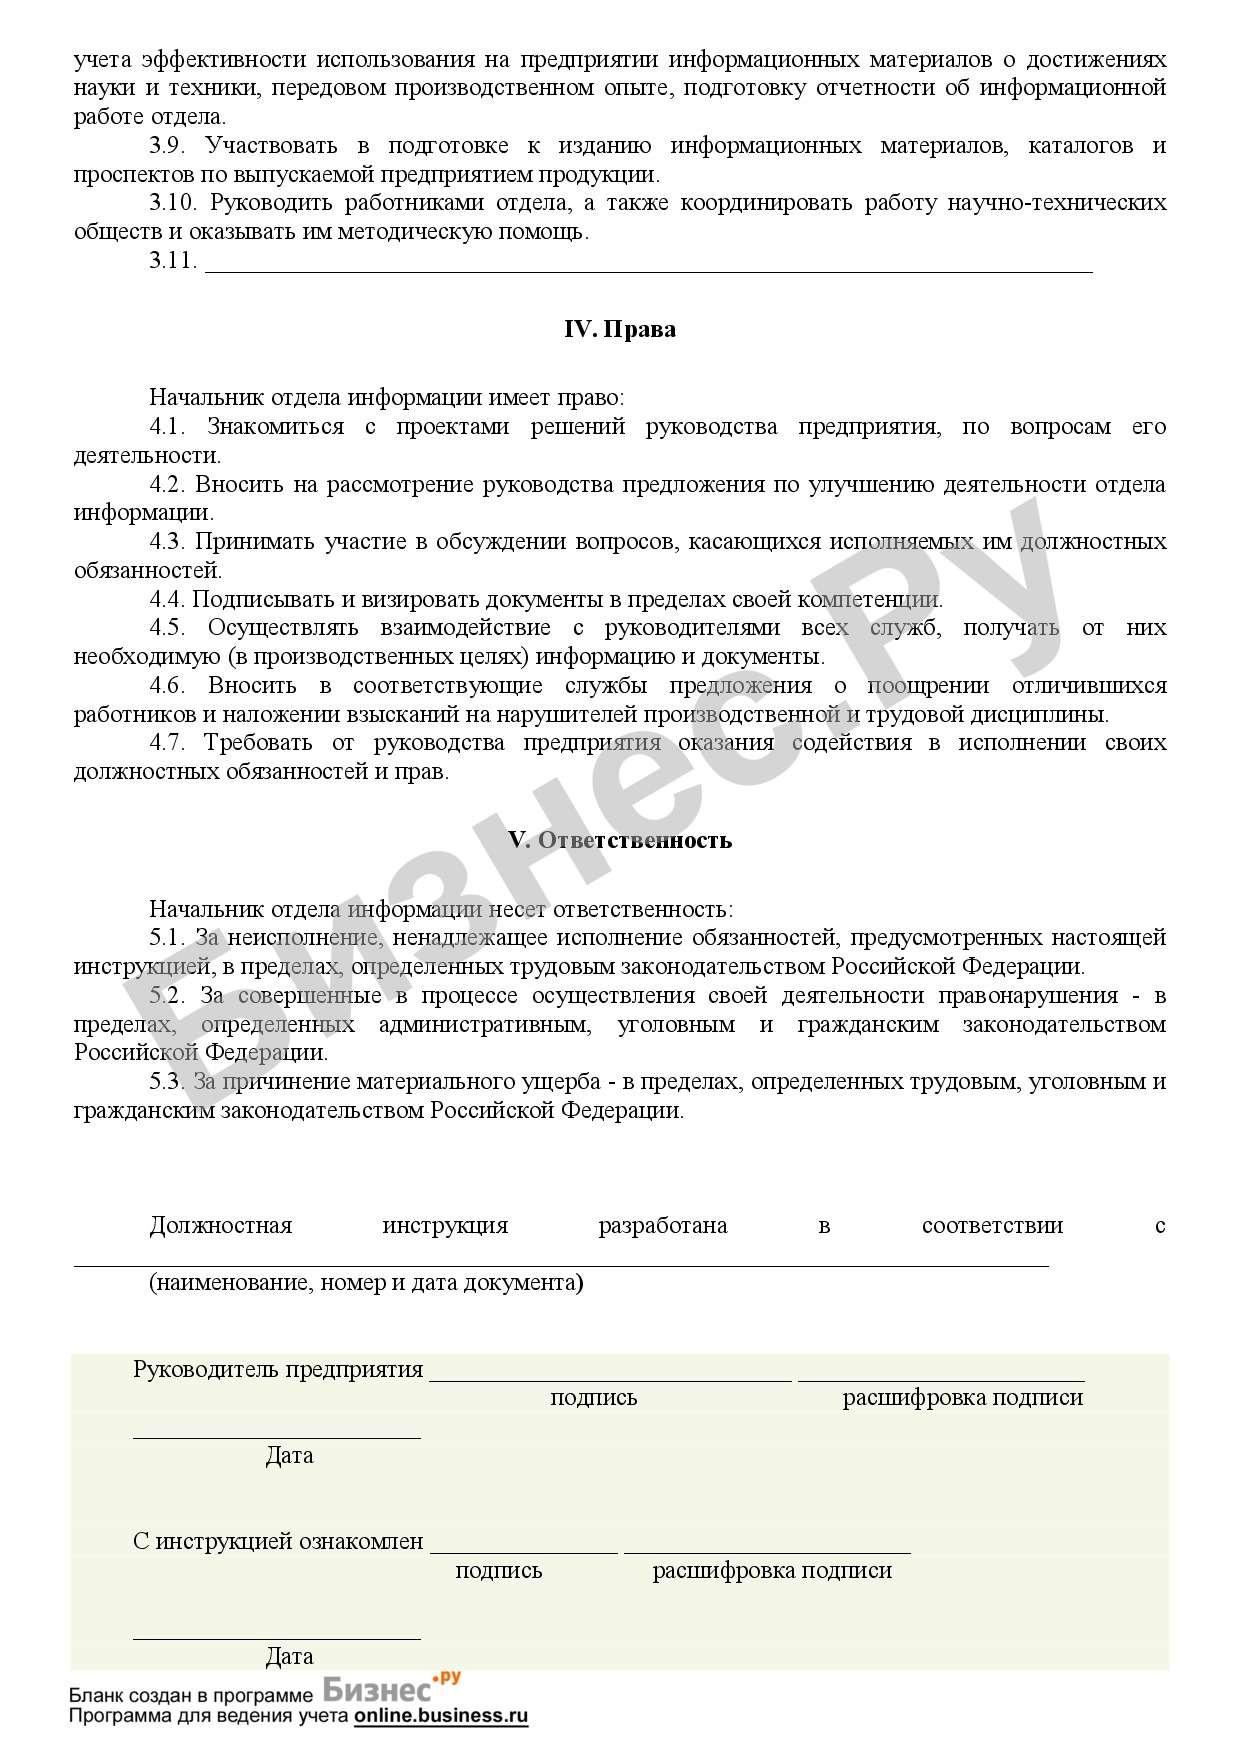 Должностная инструкция начальника производства автотранспортного предприятия